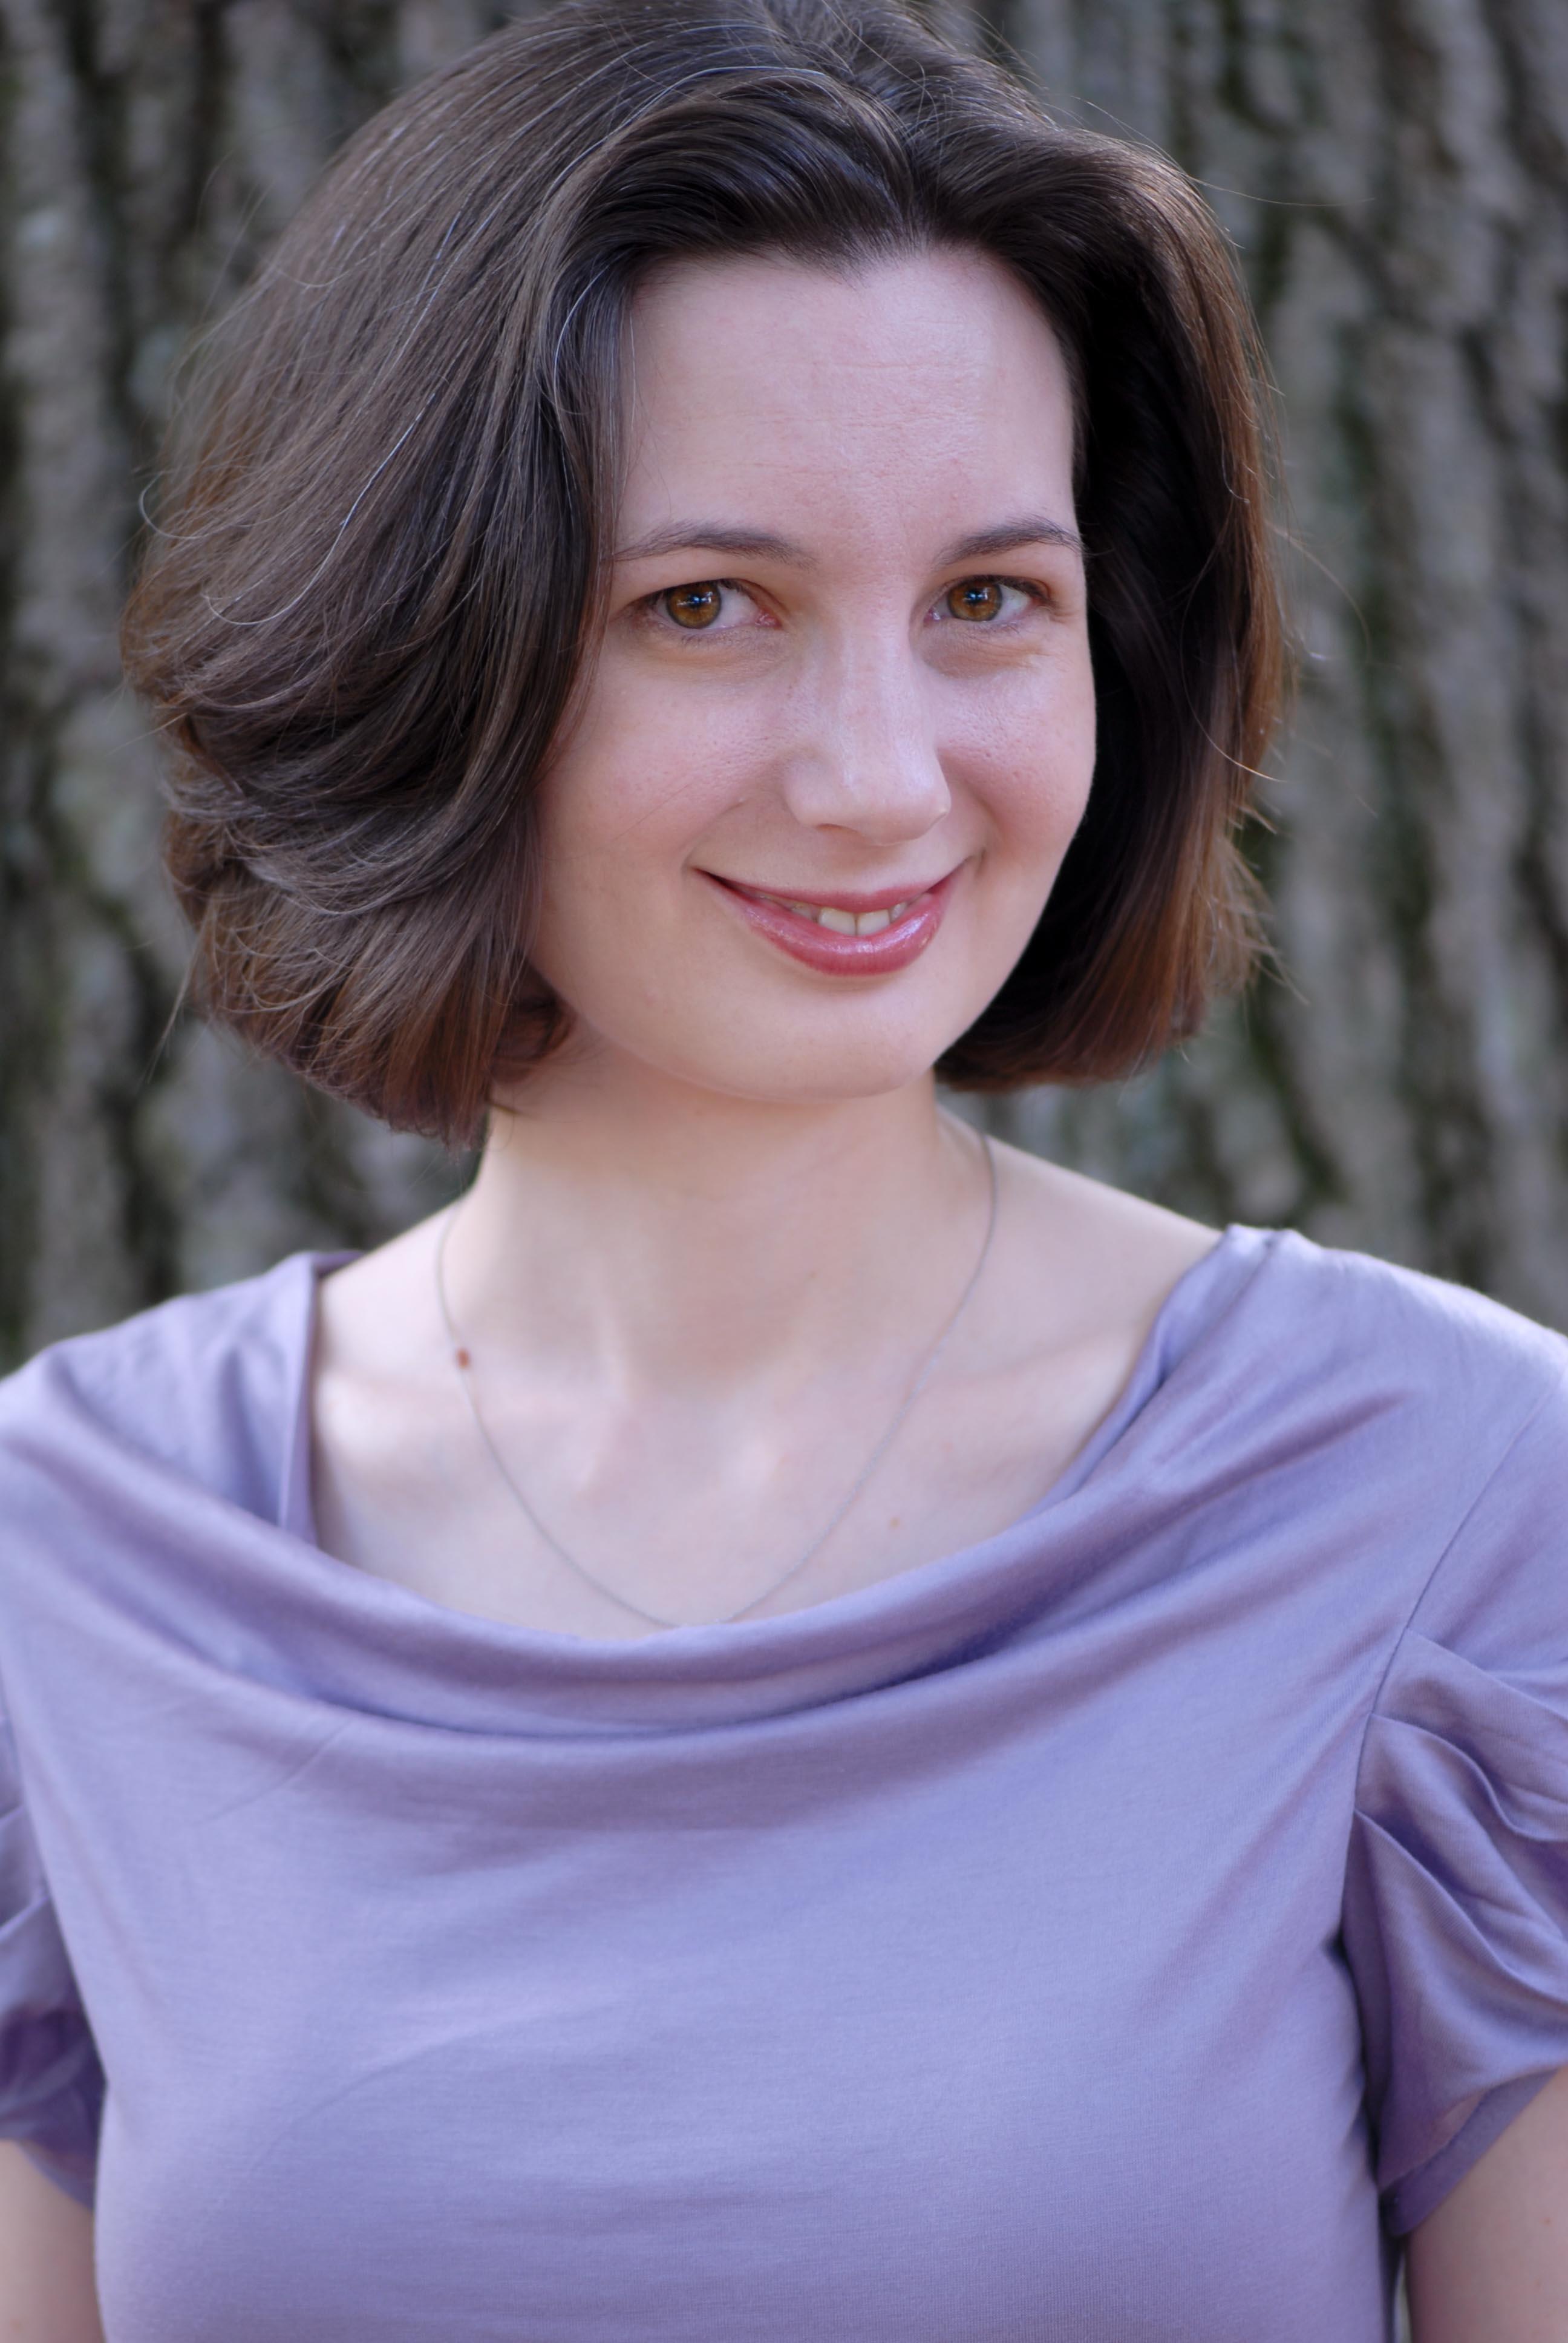 Megan E. Bryant